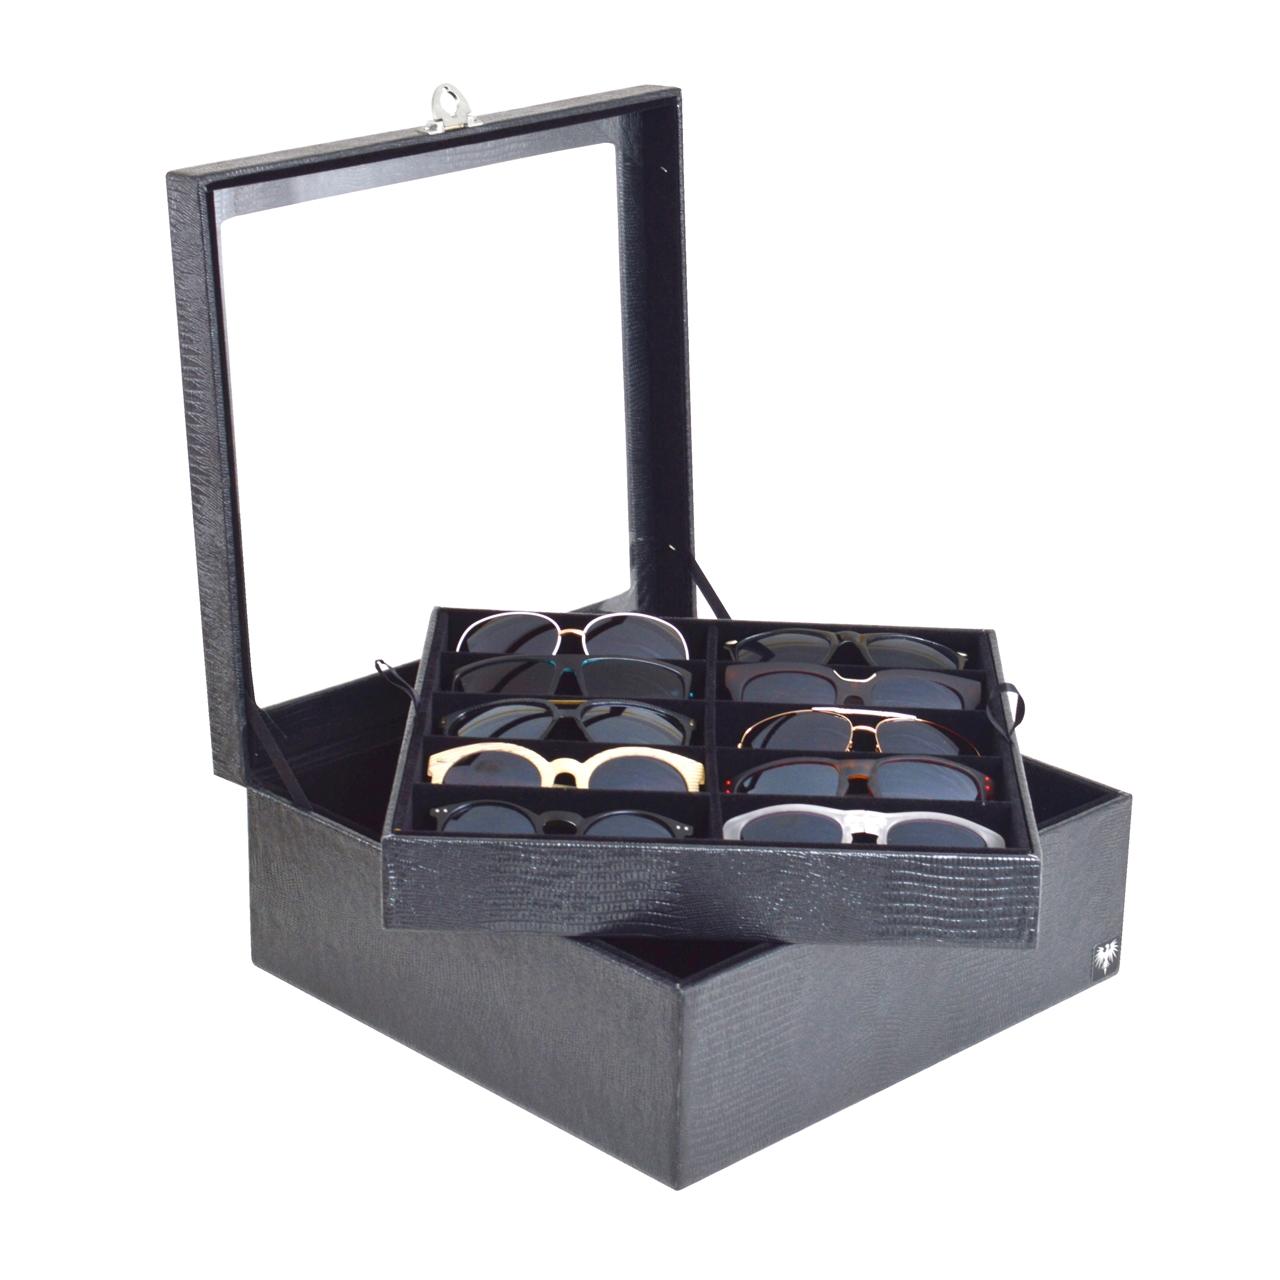 estojo-couro-ecologico-20-oculos-preto-preto-porta-caixa-imagem-1.jpg